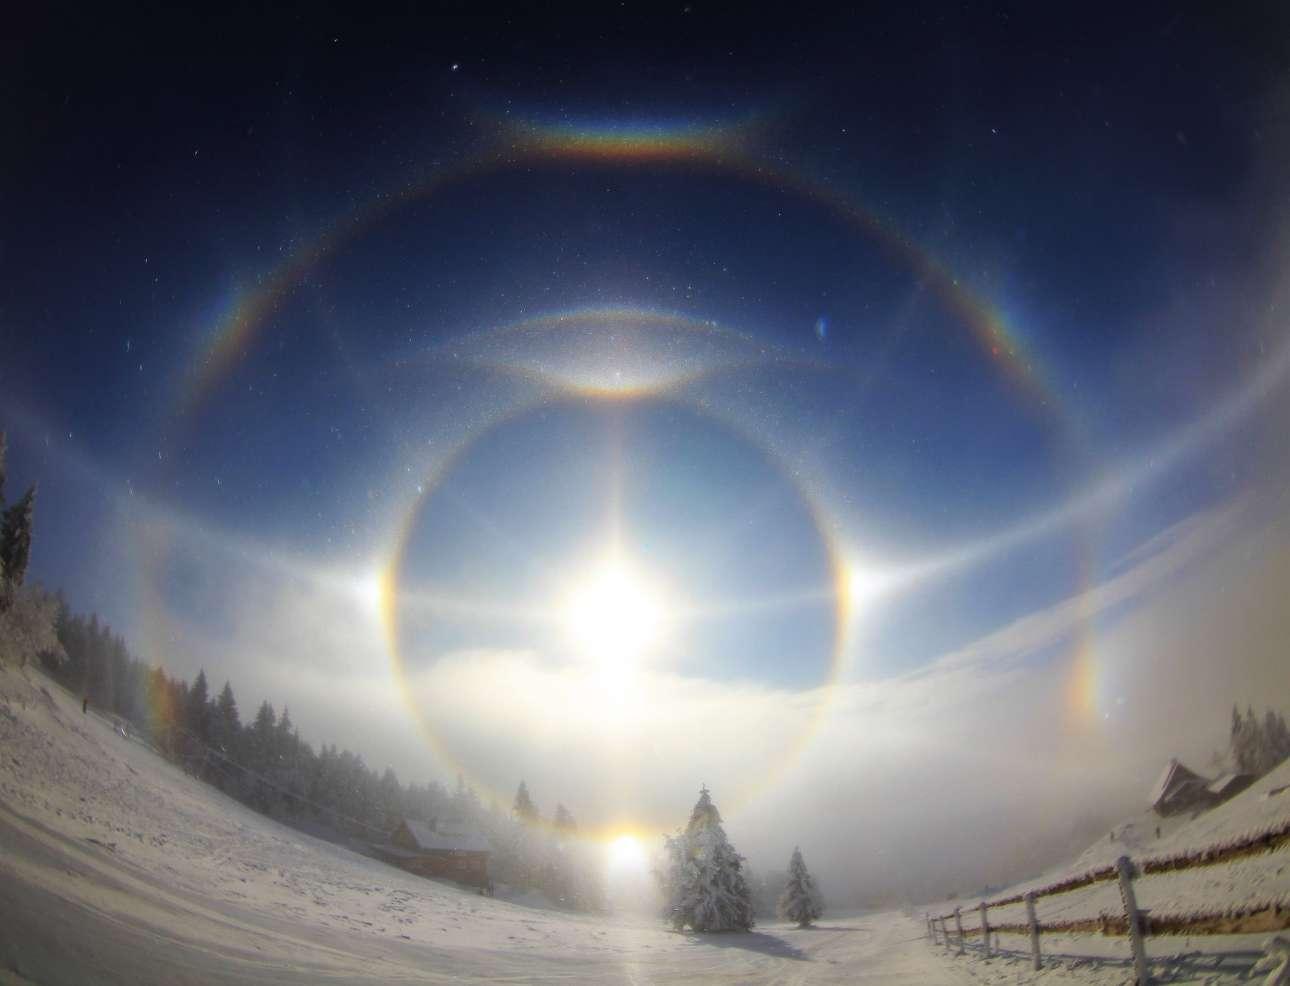 Ενα υπέροχο φωτοστέφανο σχηματίζεται στα 1.100 μέτρα, στο βουνό Κίλμπεργκ στα γερμανοτσεχικά σύνορα. Το ιδιαίτερο αυτό φαινόμενο παρατηρείται σε πολικές περιοχές ή σε βουνά όταν υπάρχουν παγοκρύσταλλοι στον αέρα